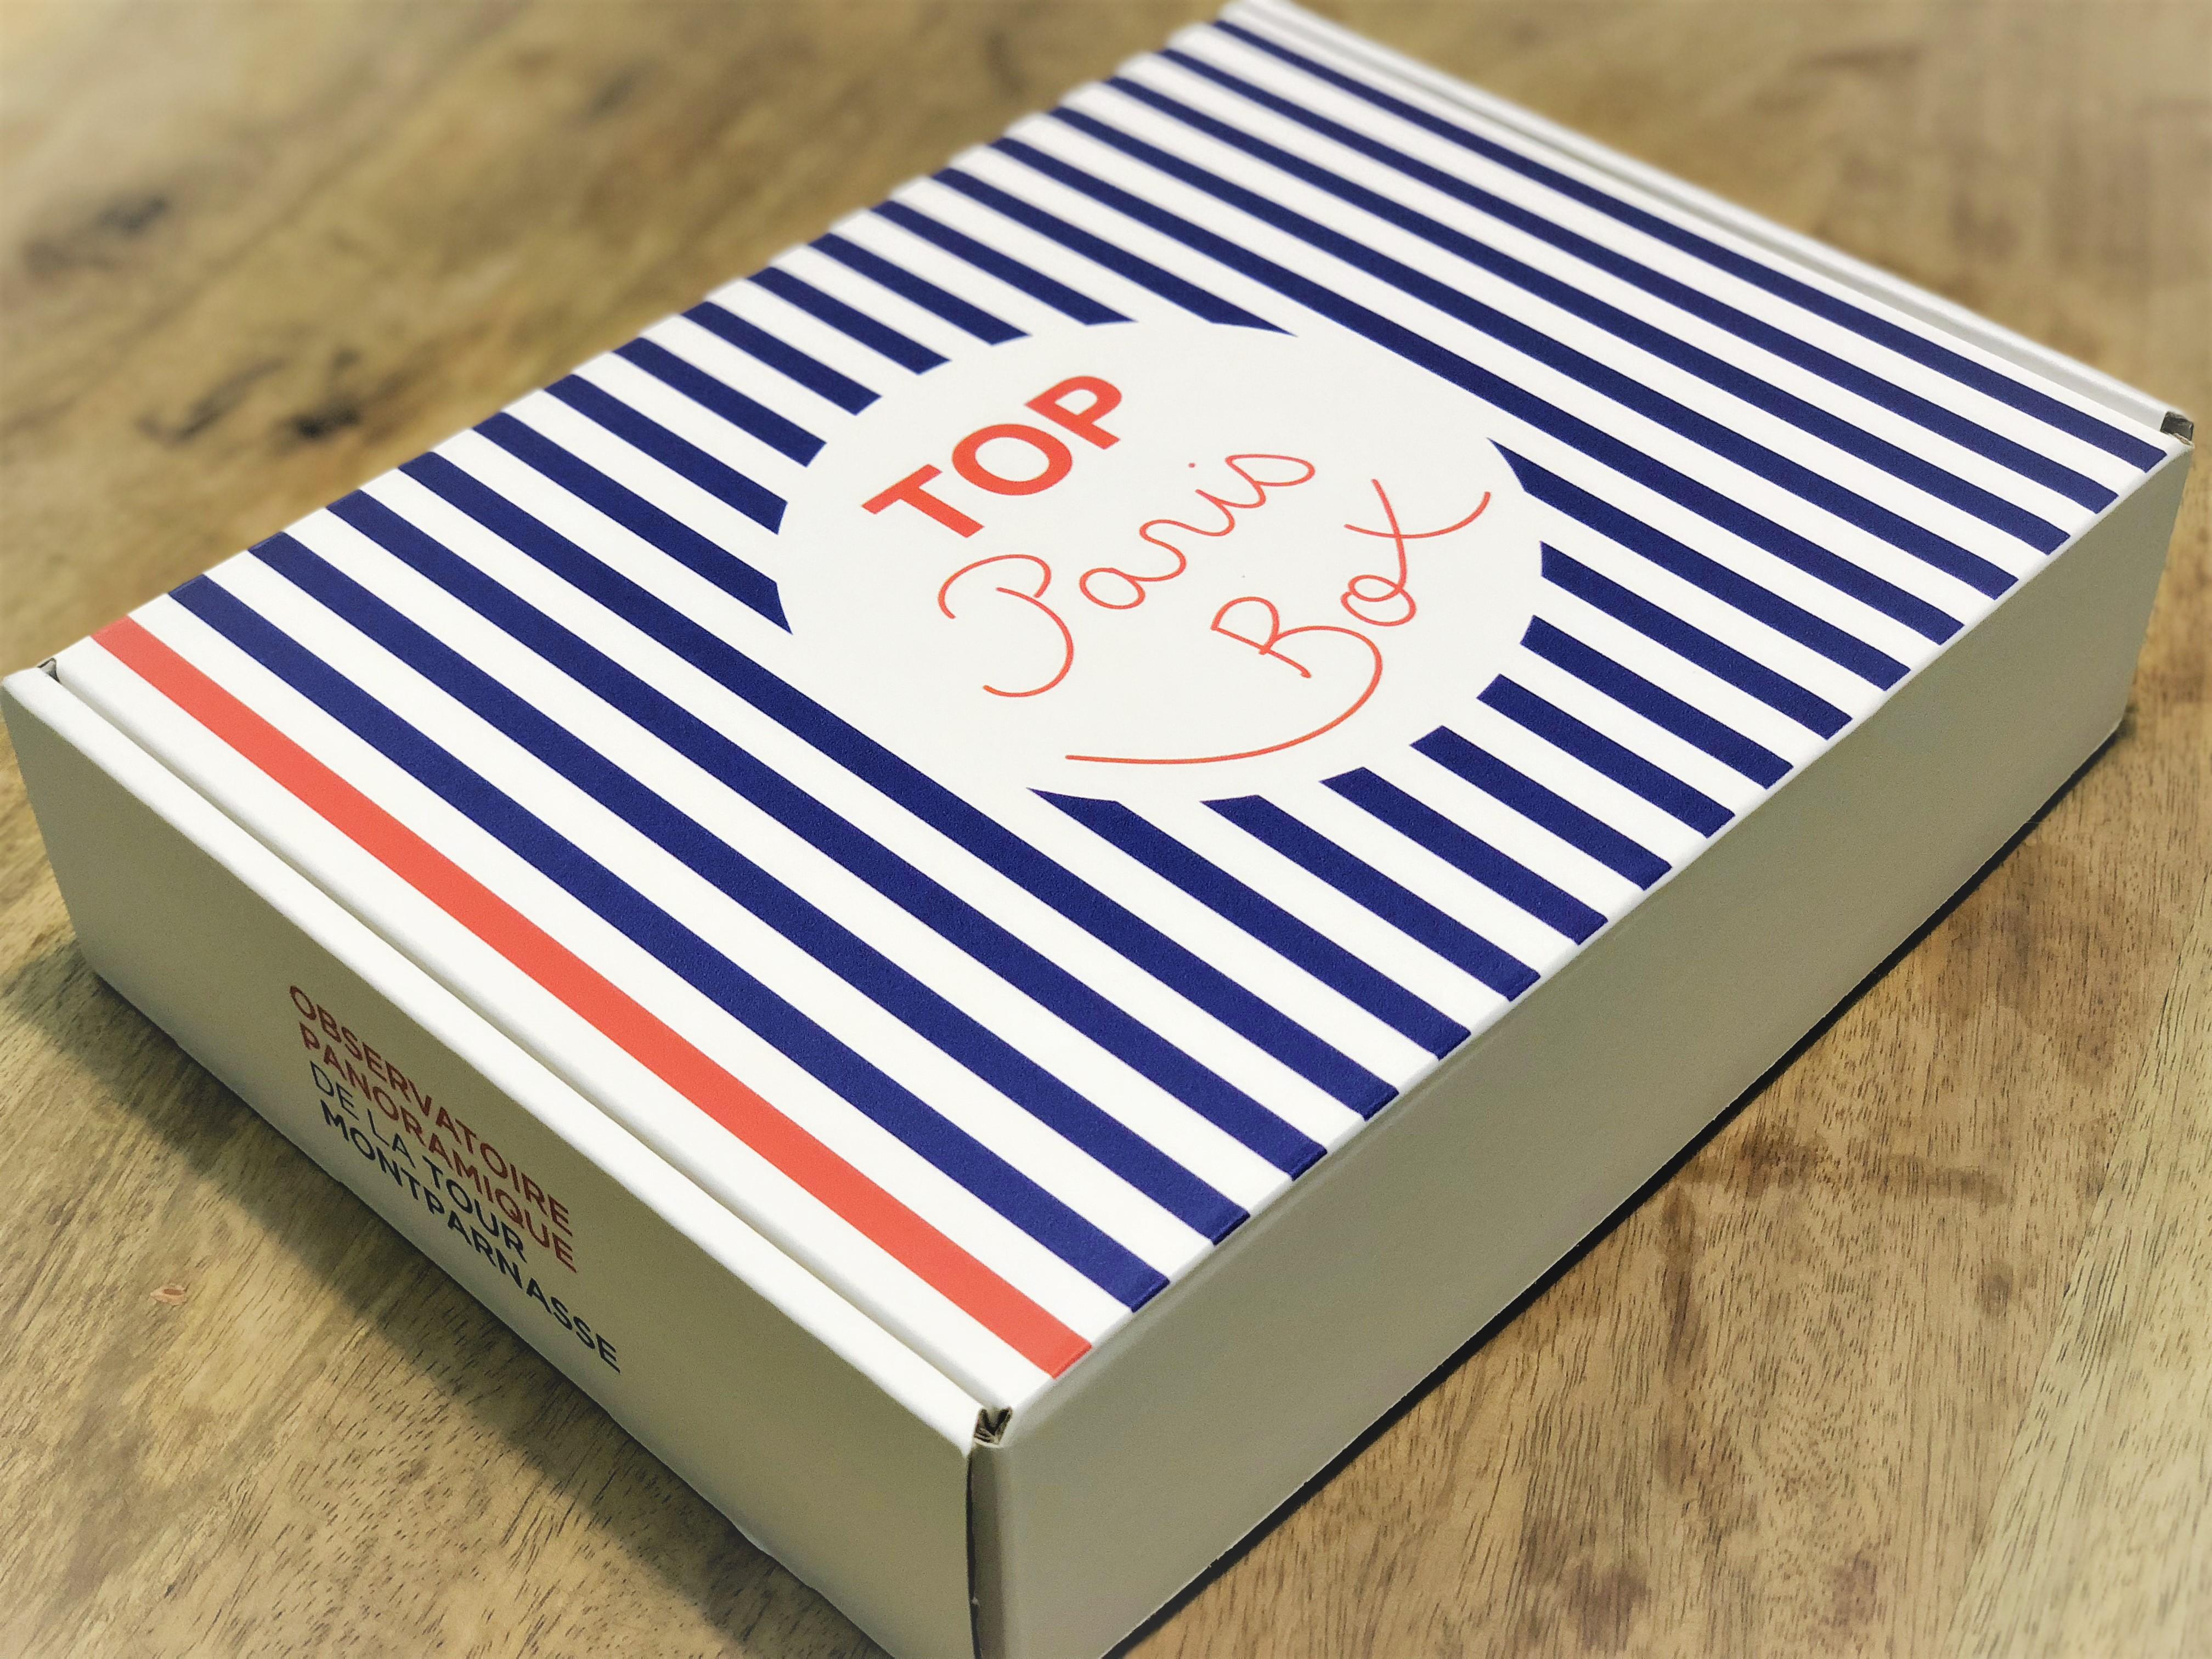 box - Copie 2